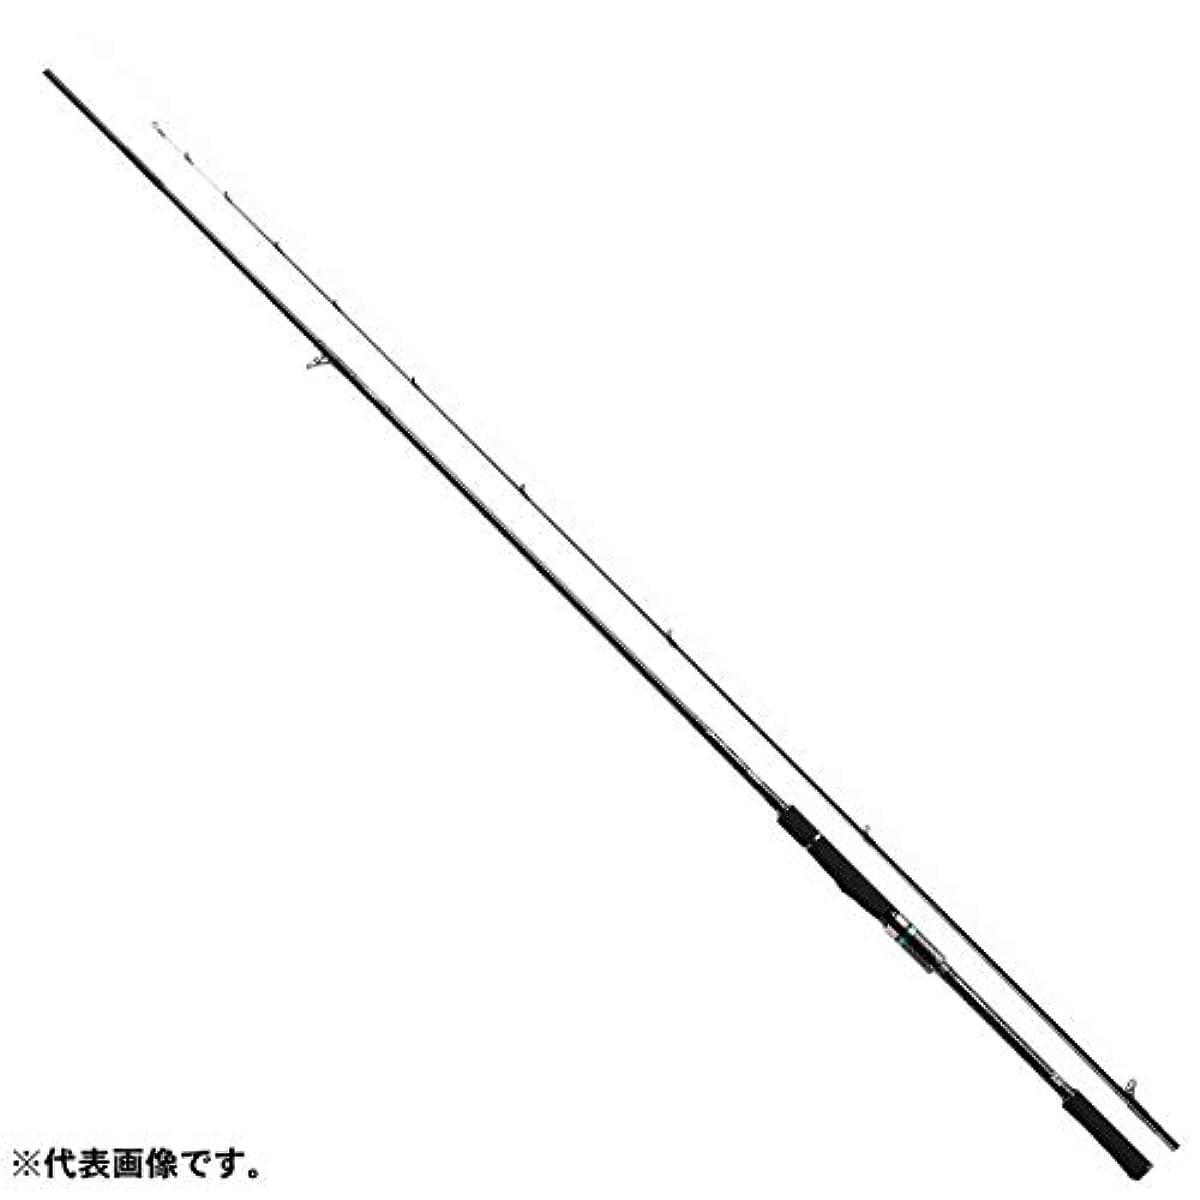 [해외] 다이와 에기구롯도 스피닝 에기구 에메랄다스 STOIST AGS 76MMH-SMT 에기구 낚싯대